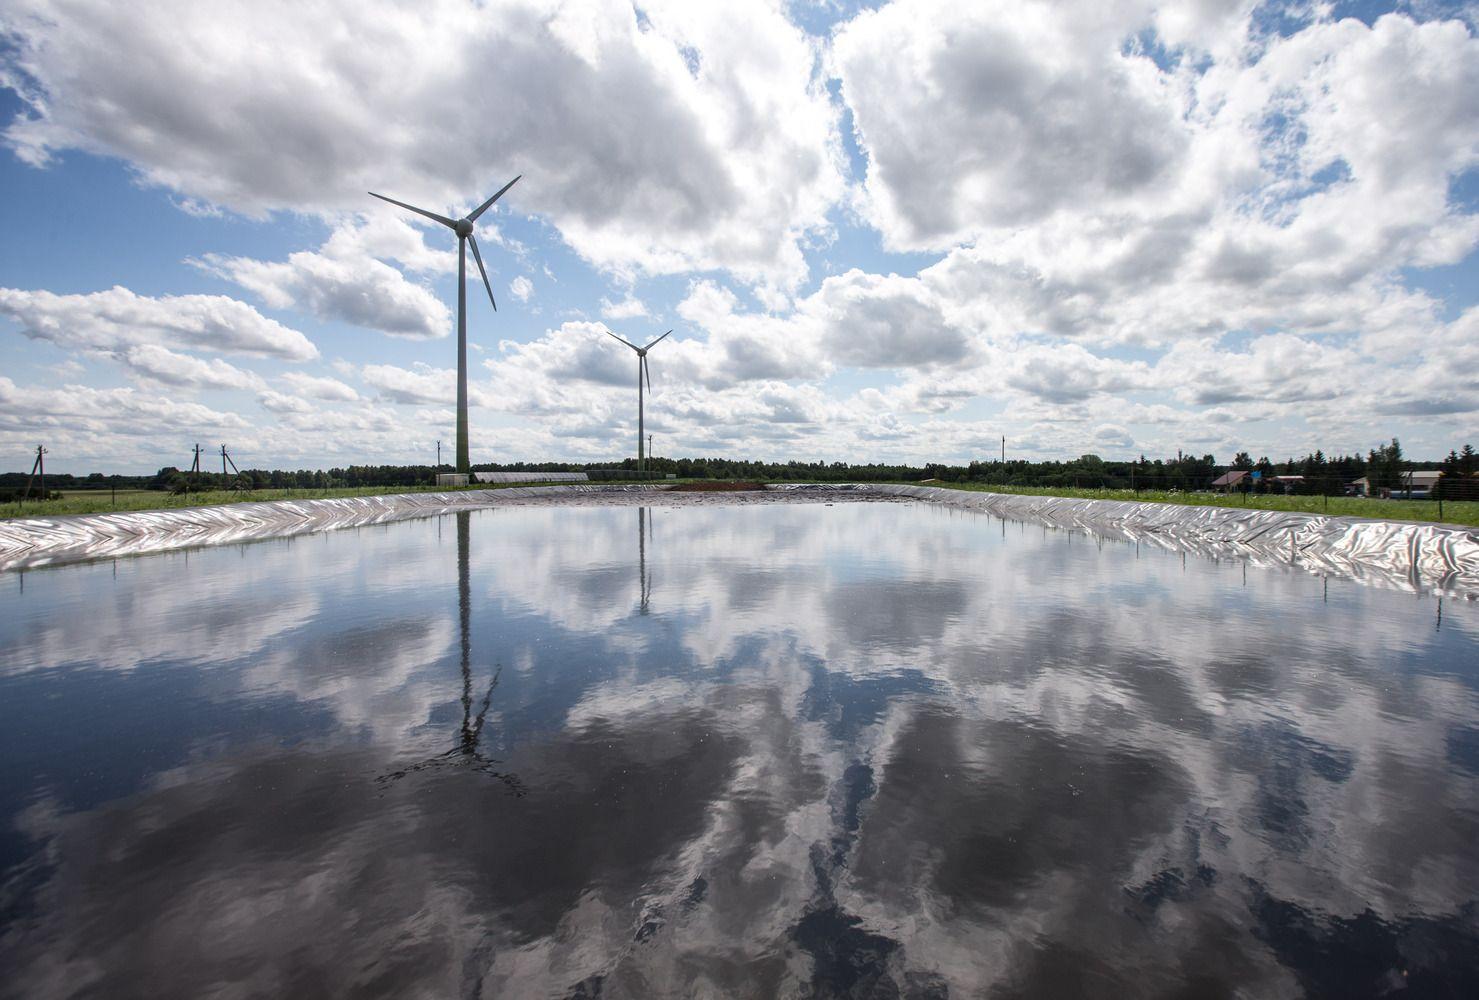 Ž. Vaičiūnas: Lietuva jau pasiekė 2020 m. žaliosios energetikos tikslus